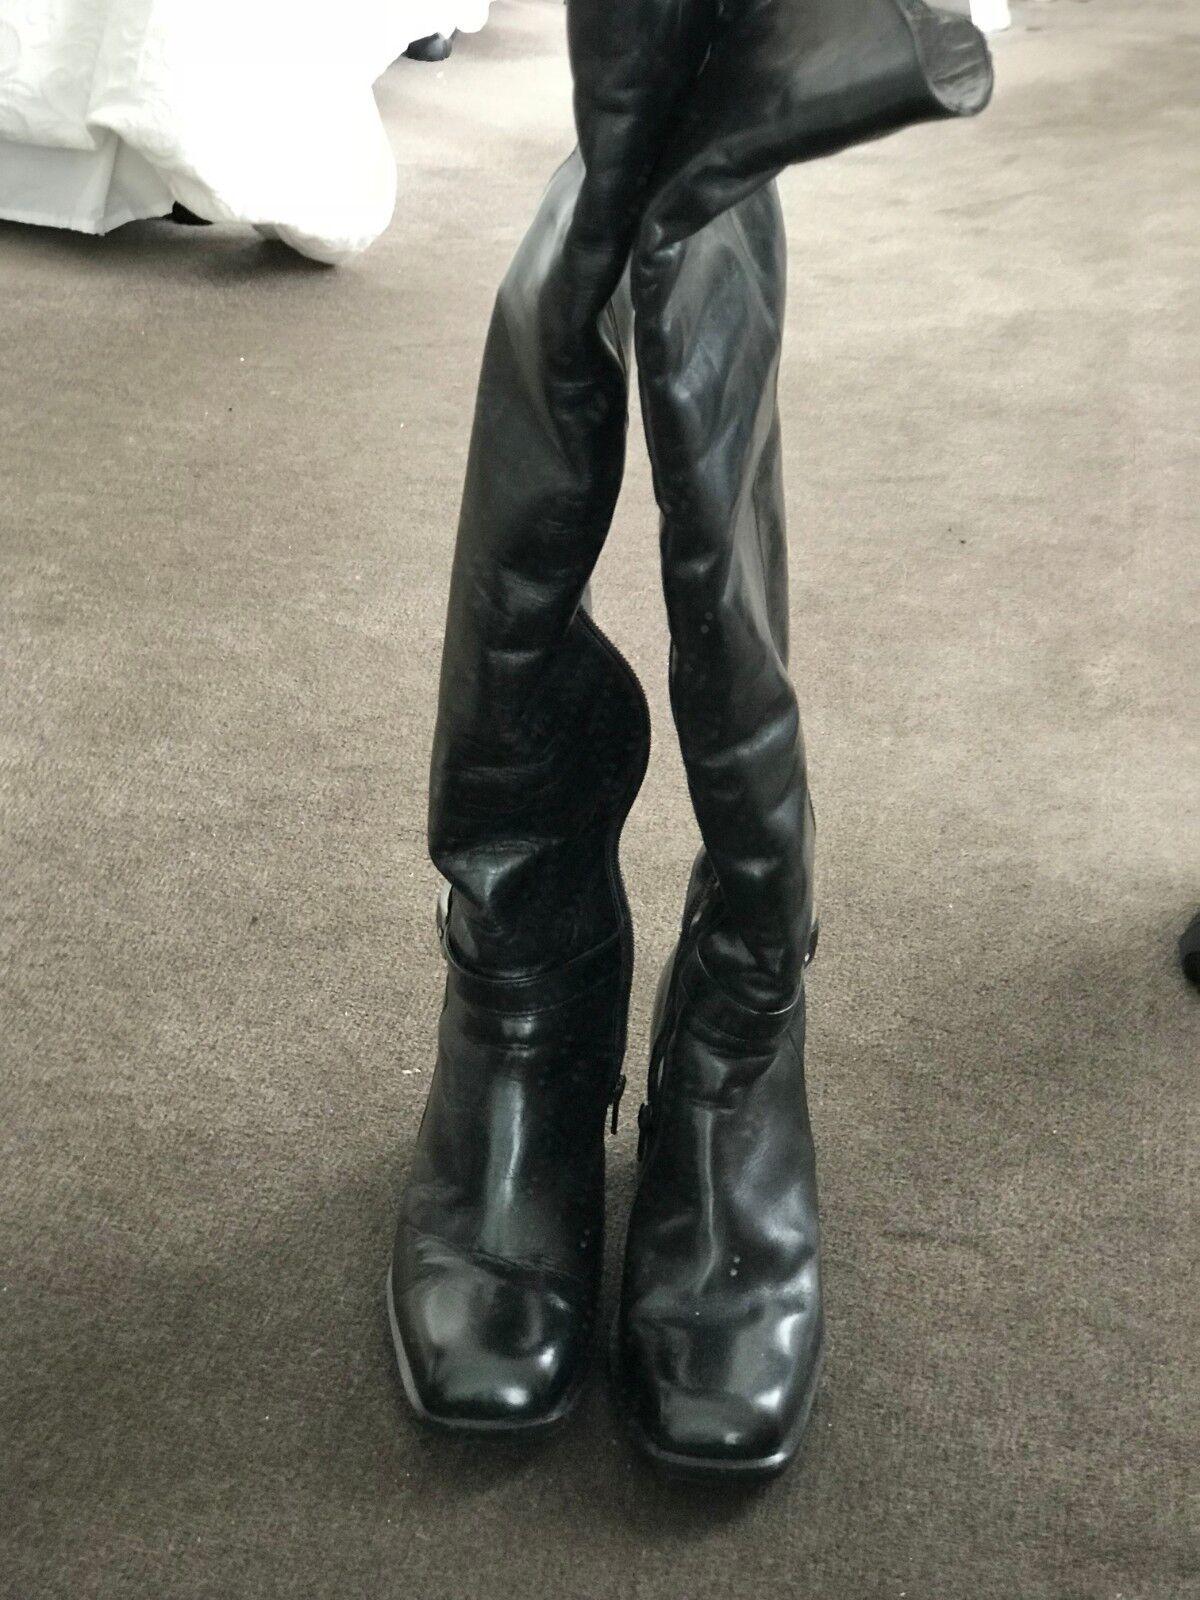 Diseñador italiano para mujer Negro Cuero Cuero Cuero Piel Forrado encima de la rodilla botas Nuevo  almacén al por mayor